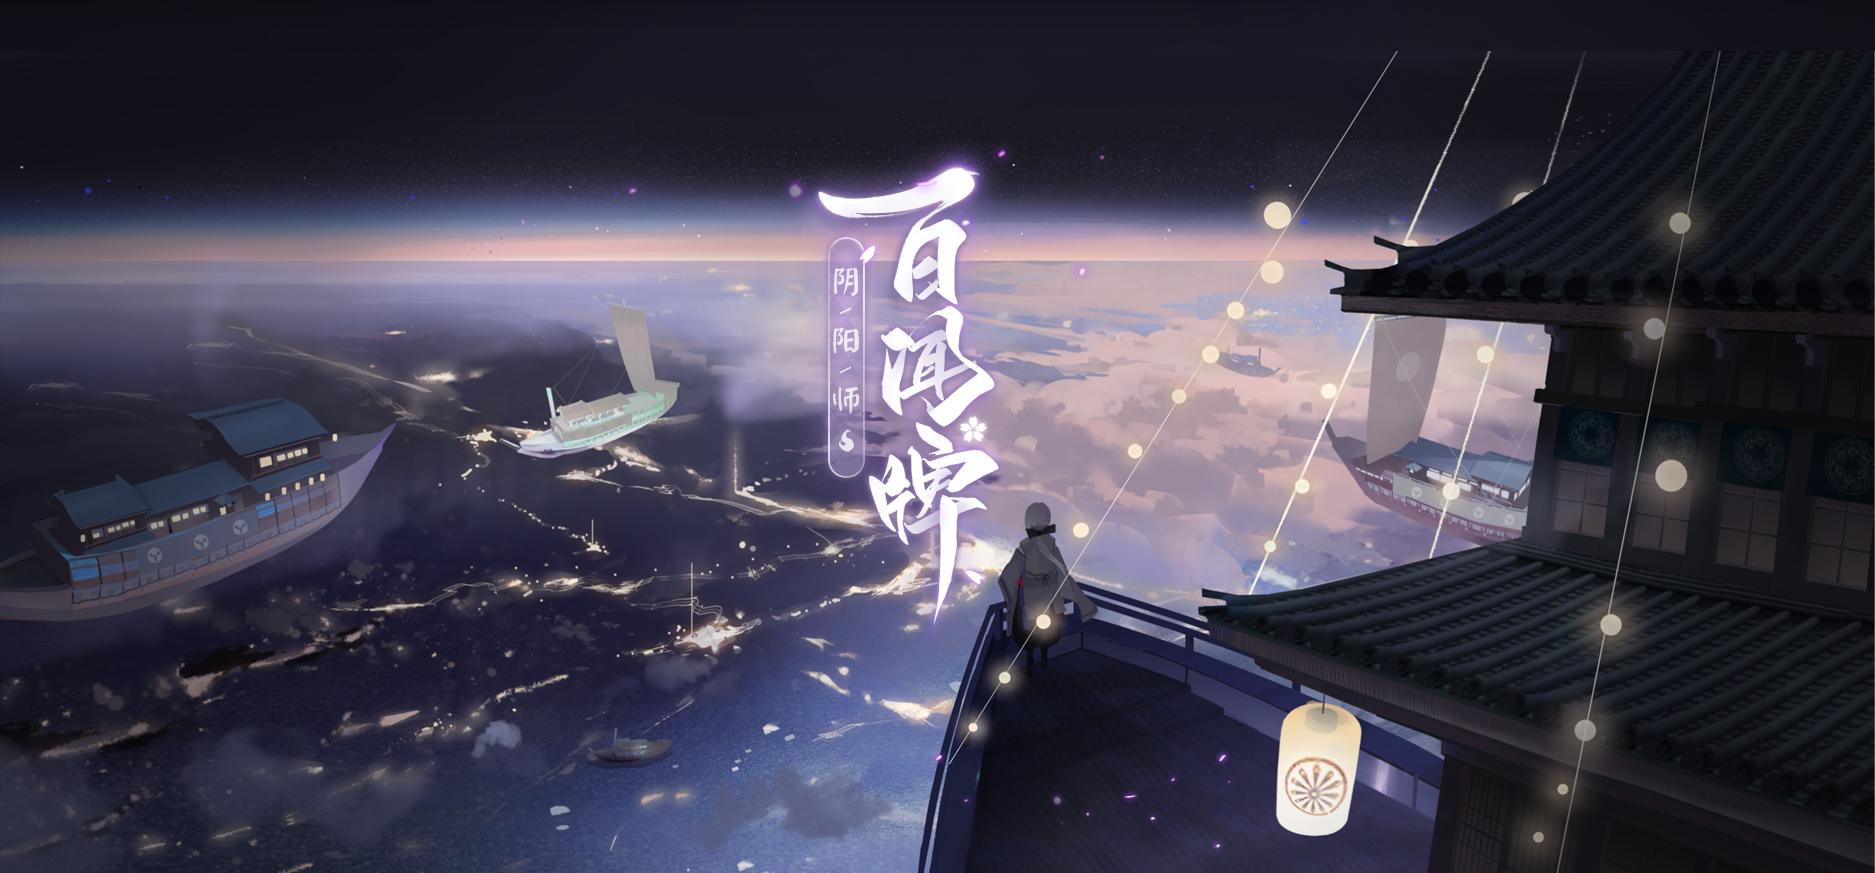 """三目带你环游蜃气楼,揭秘百闻牌中的""""温泉旅馆"""""""